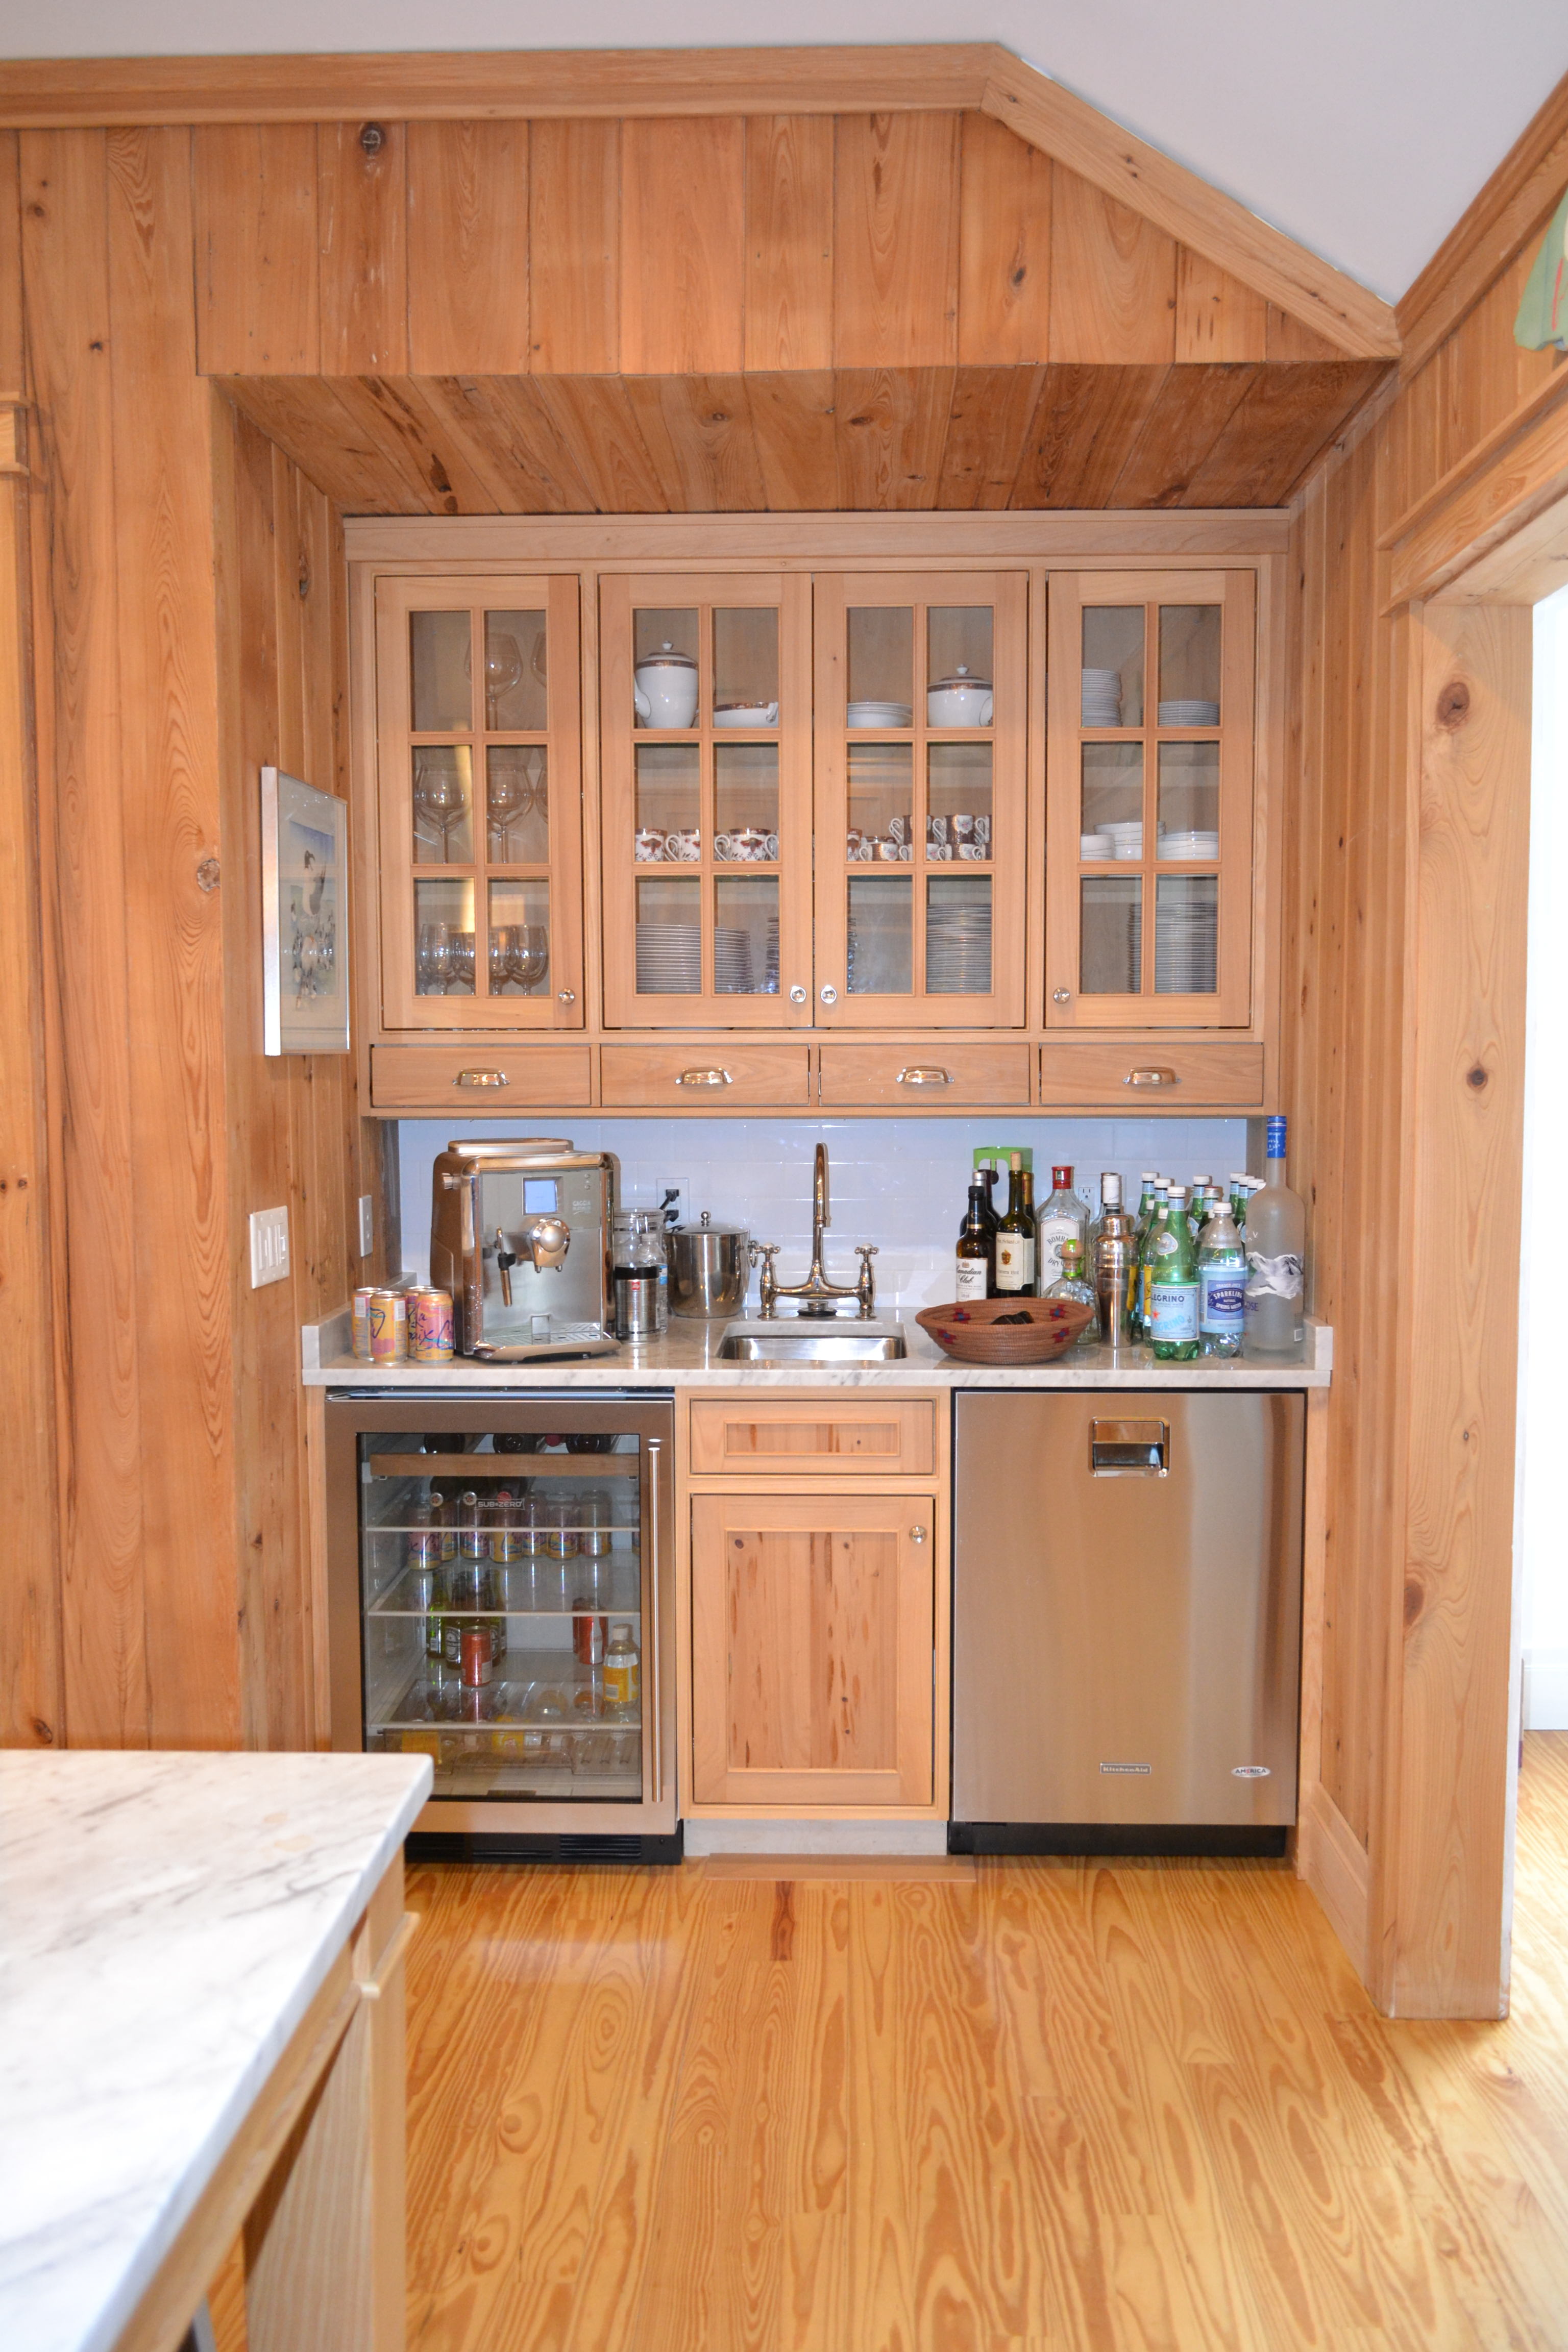 Joerger Kitchen (1)